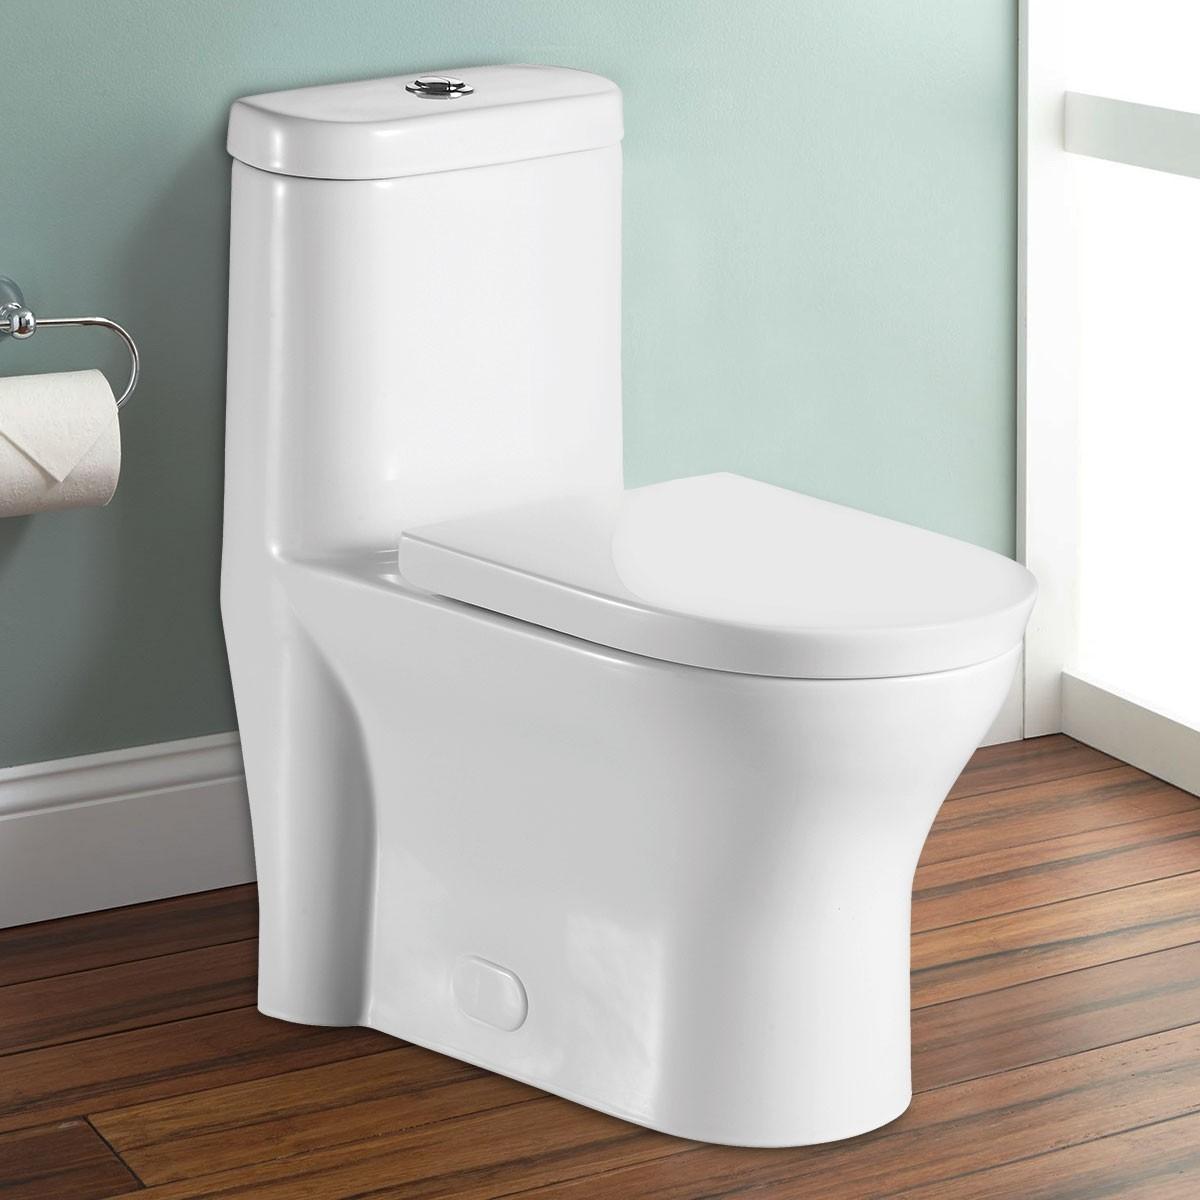 Toilette Monopièce à Double Chasse et à Action Siphonique (DK-ZBQ-12207)